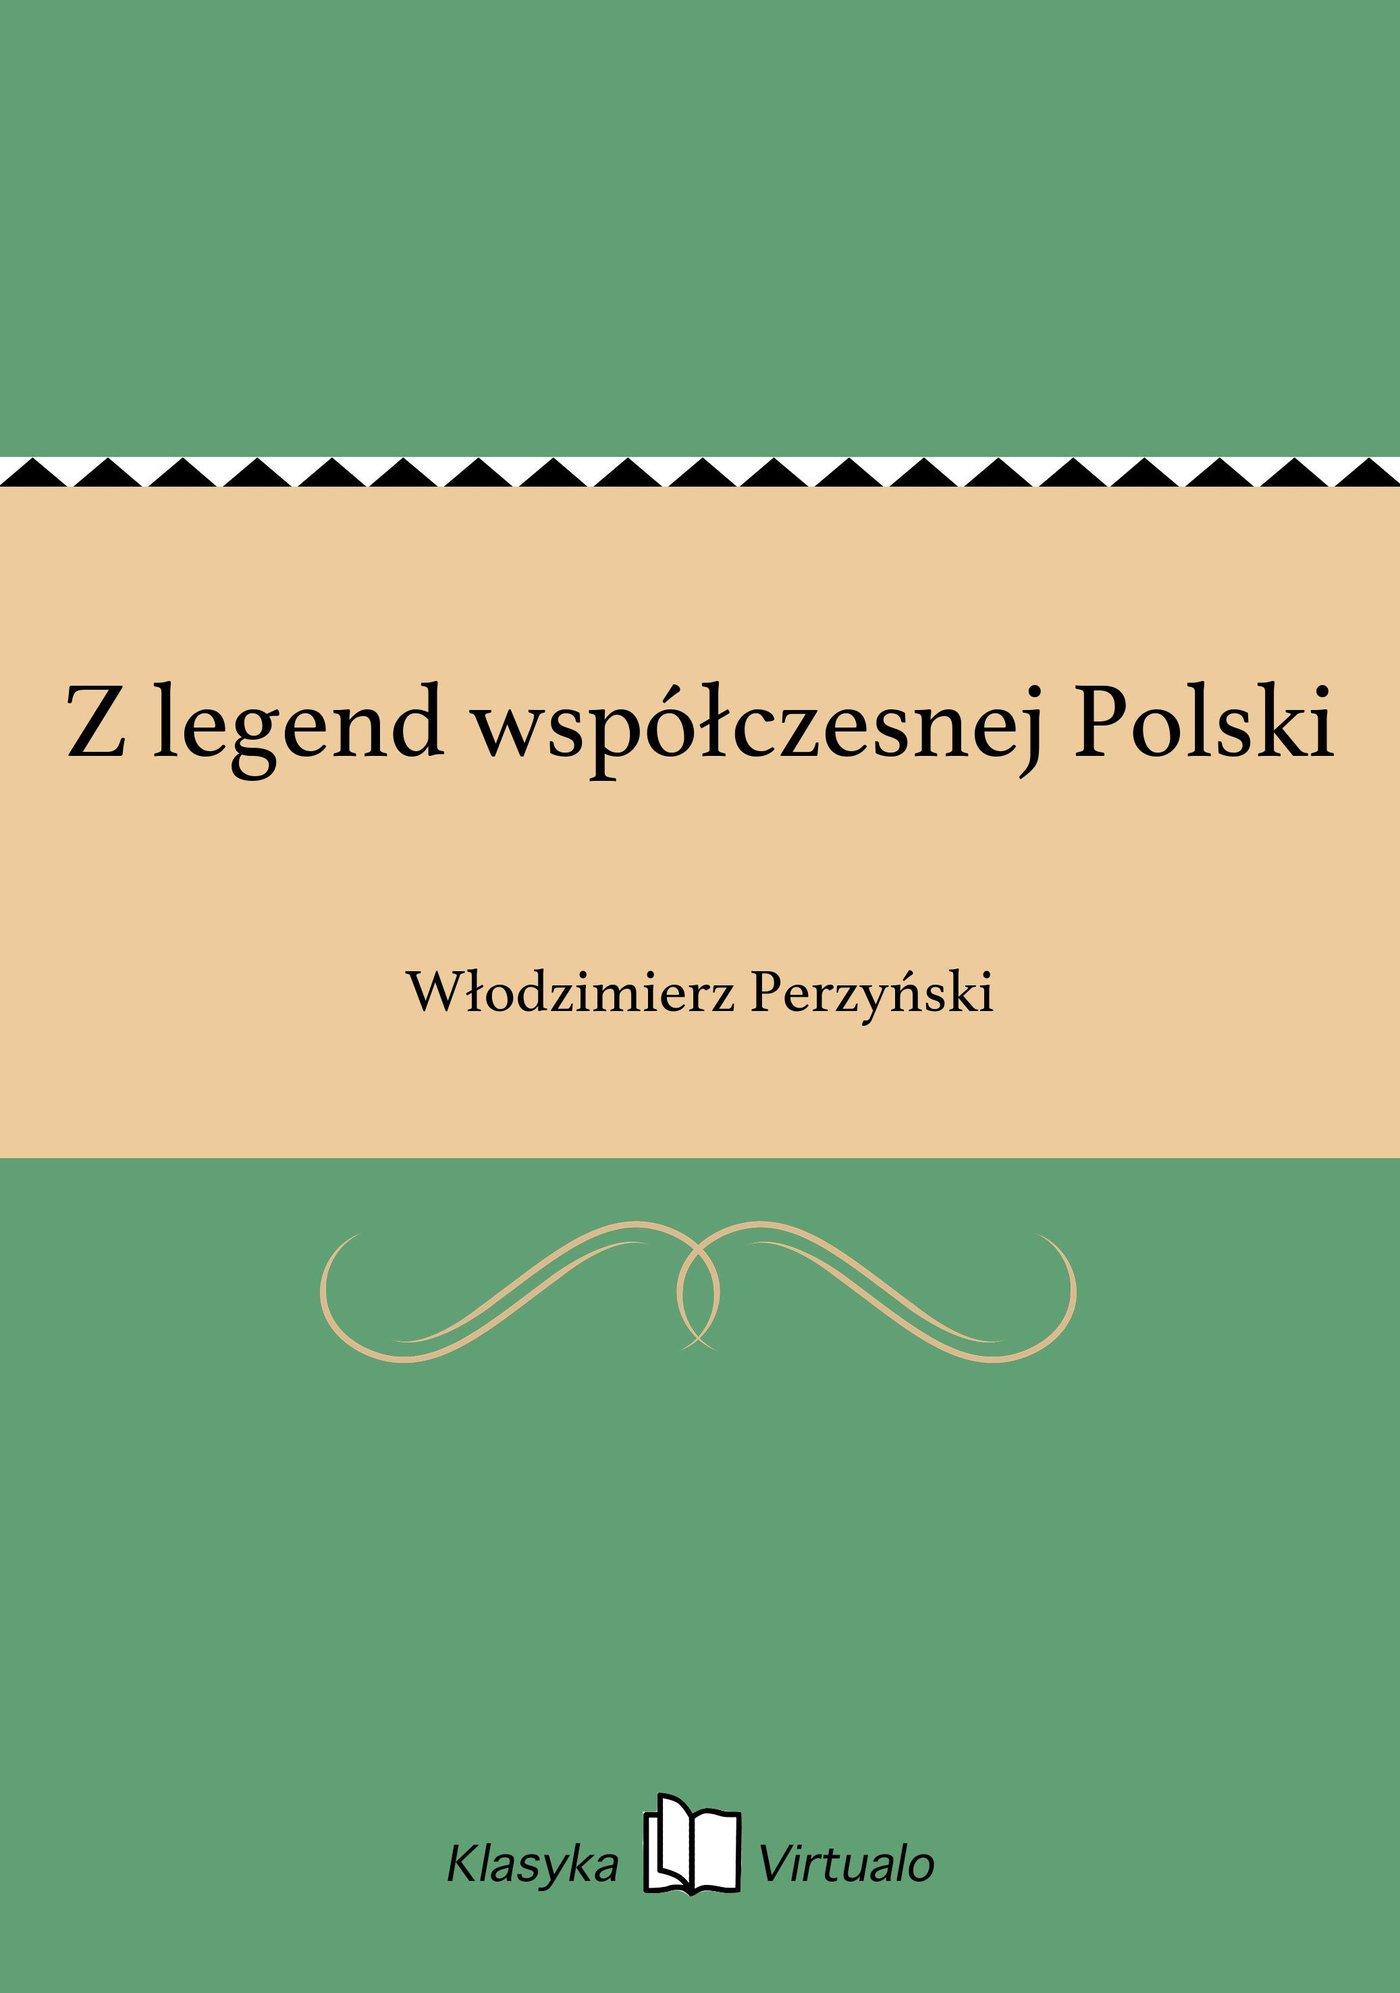 Z legend współczesnej Polski - Ebook (Książka EPUB) do pobrania w formacie EPUB